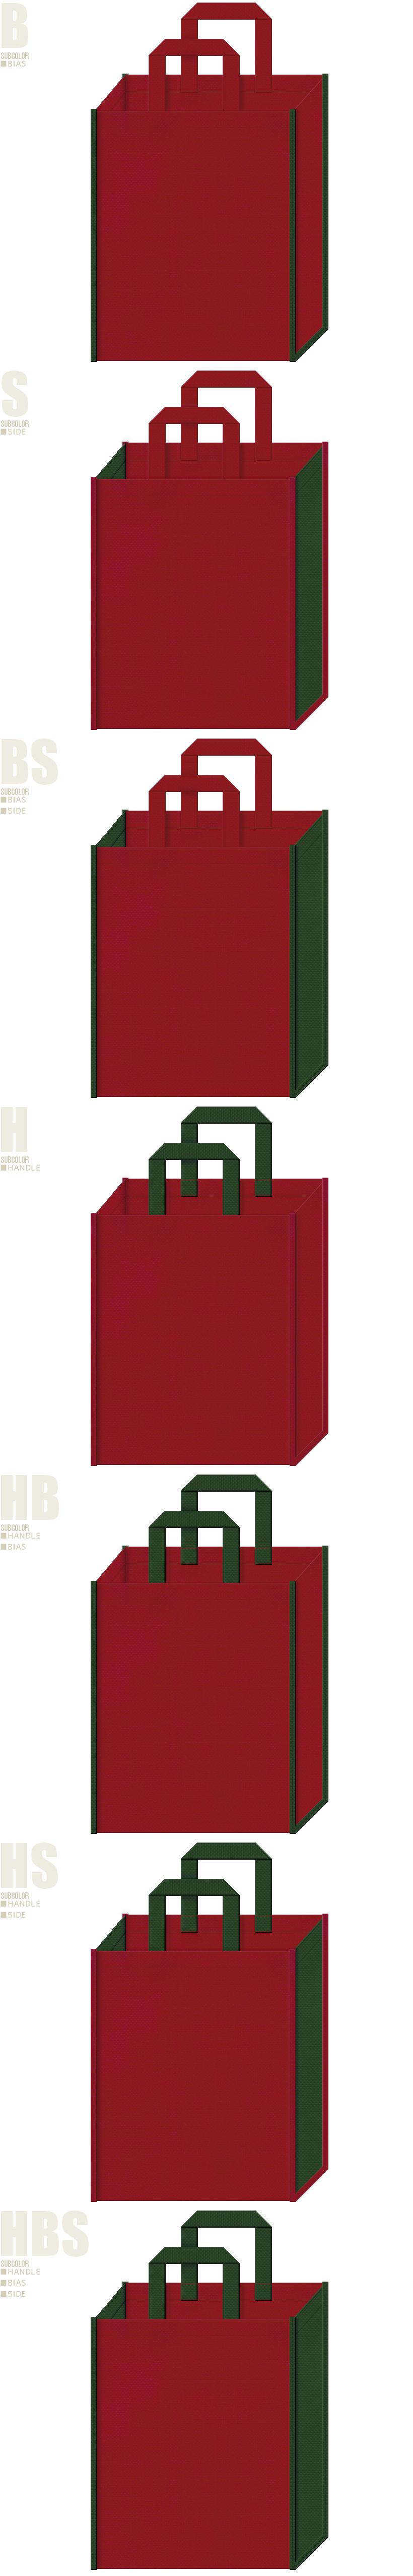 学校・教室・黒板・卒業式・成人式・振袖・着物・帯・写真館・ゲーム・和風催事の記念品にお奨めの不織布バッグデザイン:エンジ色と濃緑色の配色7パターン